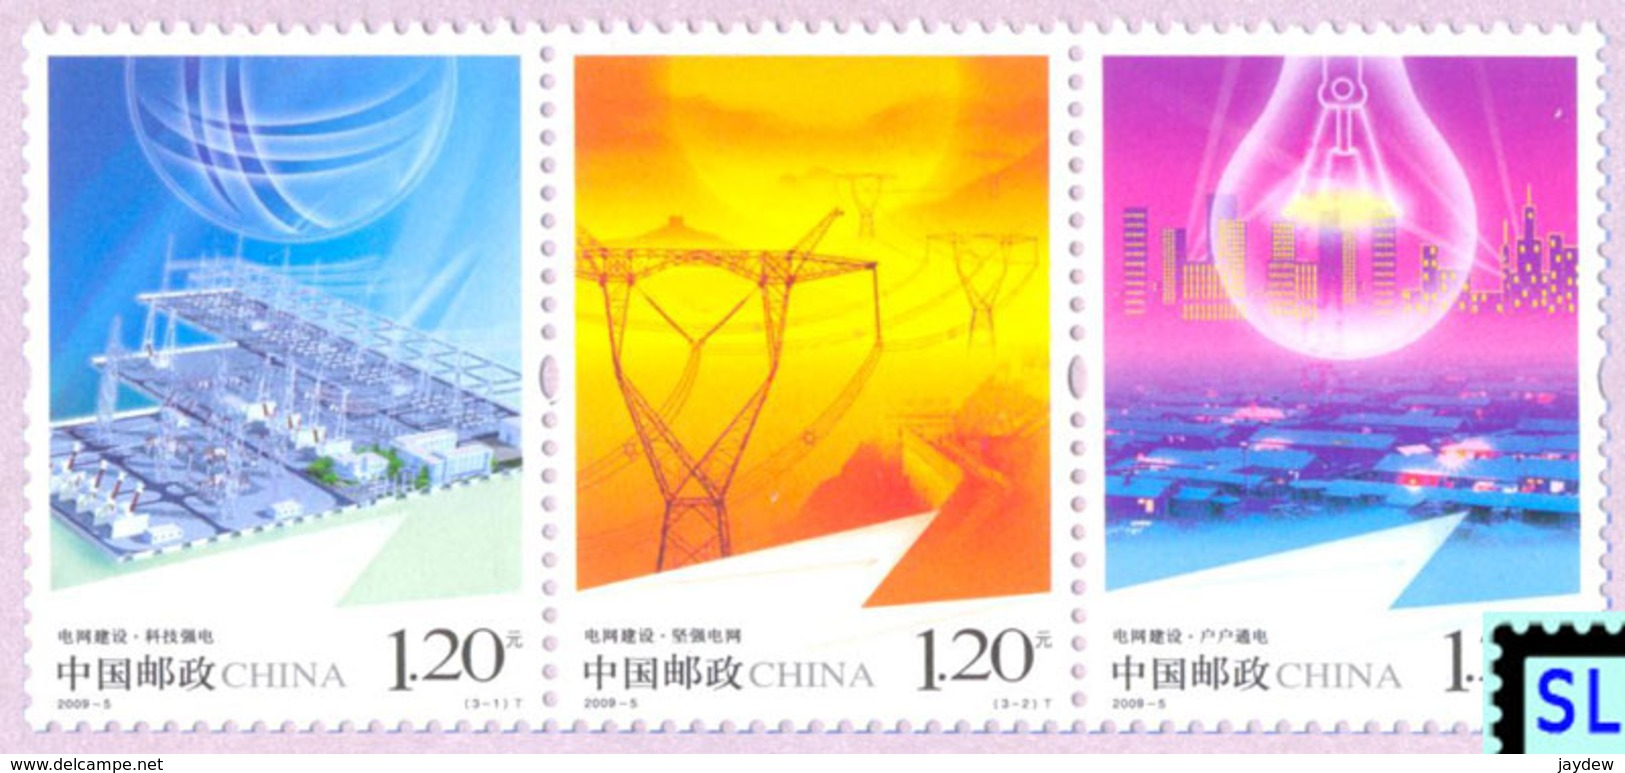 China Stamps 2009, Electrification, MNH - China